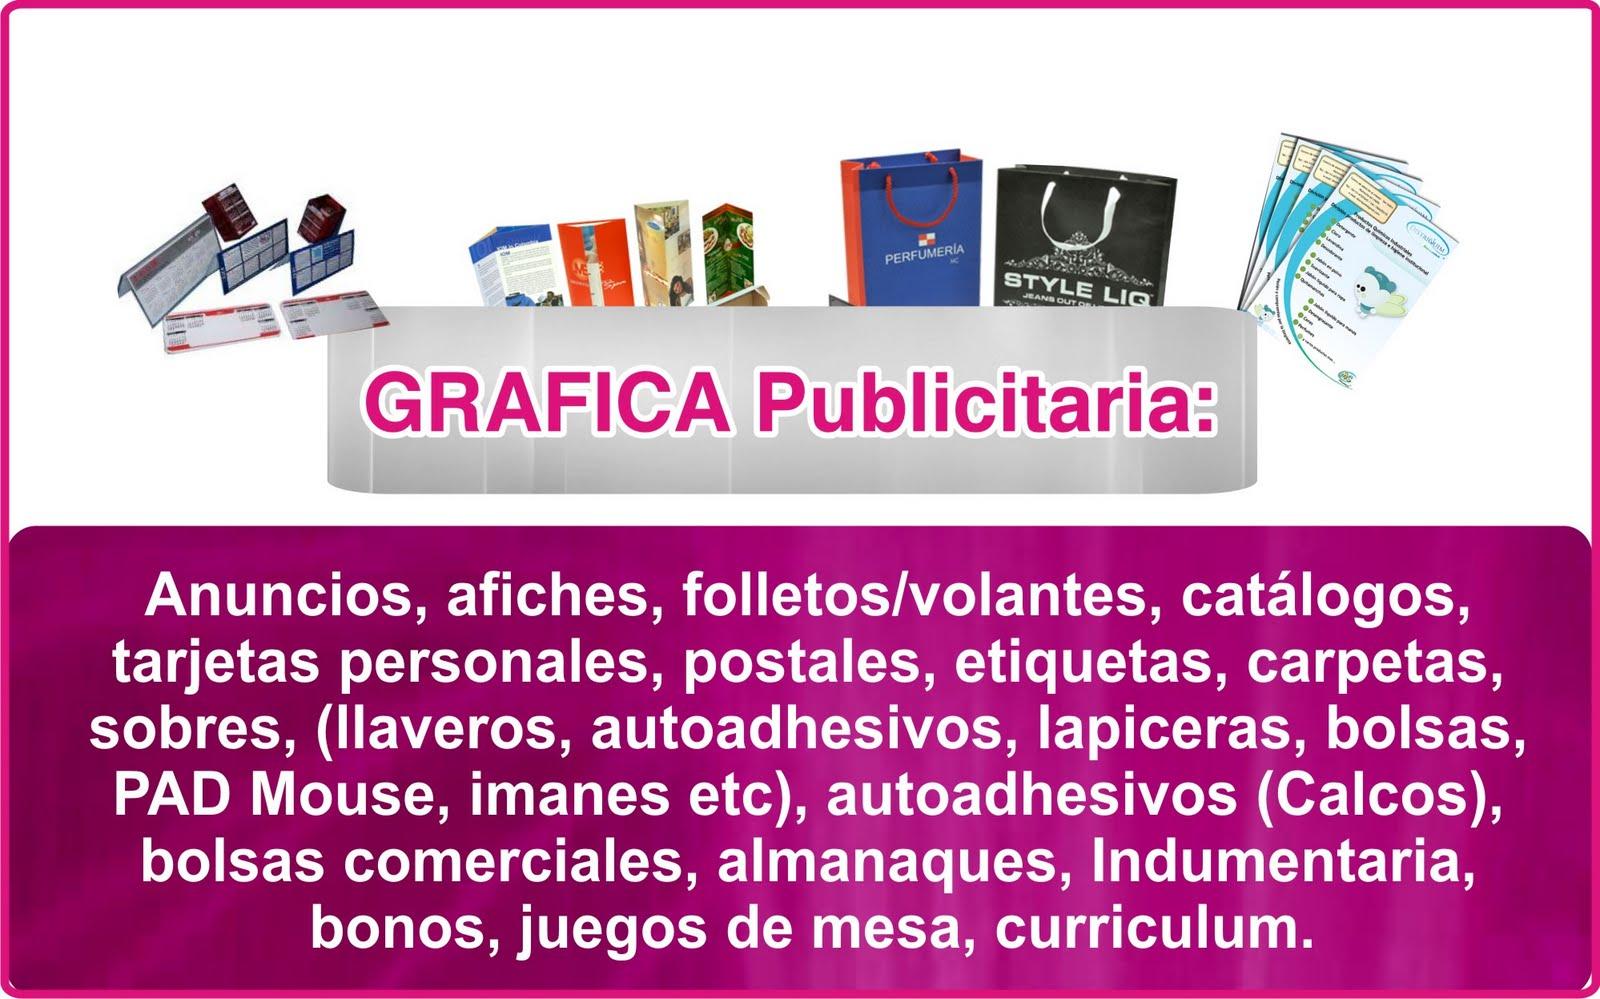 JULIAN GUISASOLA: CARTA DE PRESENTACION